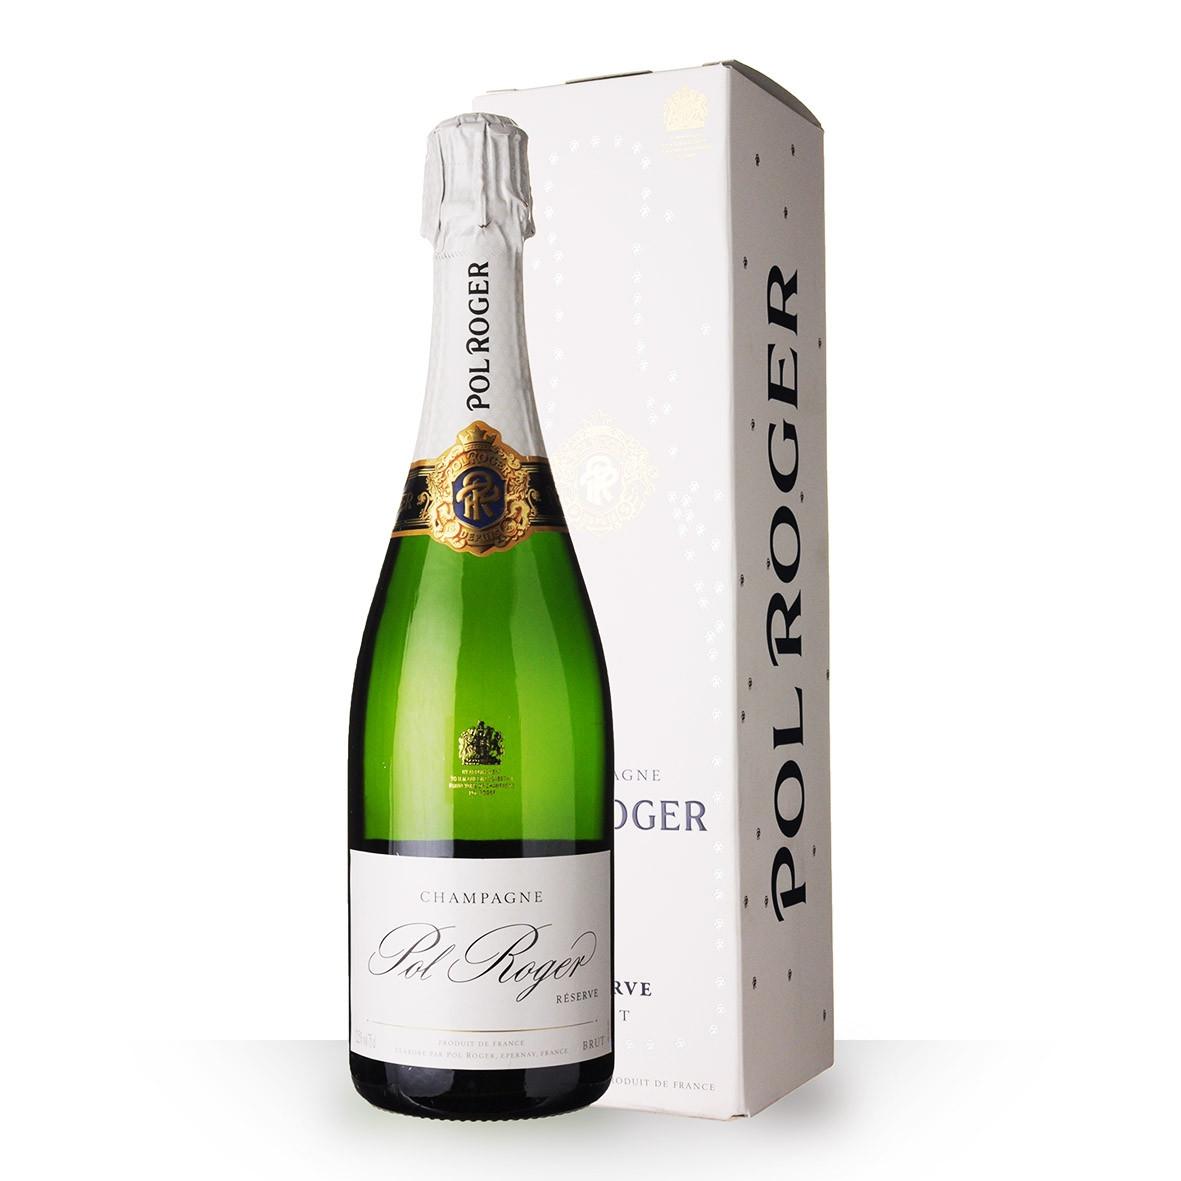 Champagne Pol Roger Brut Réserve 75cl Etui www.odyssee-vins.com